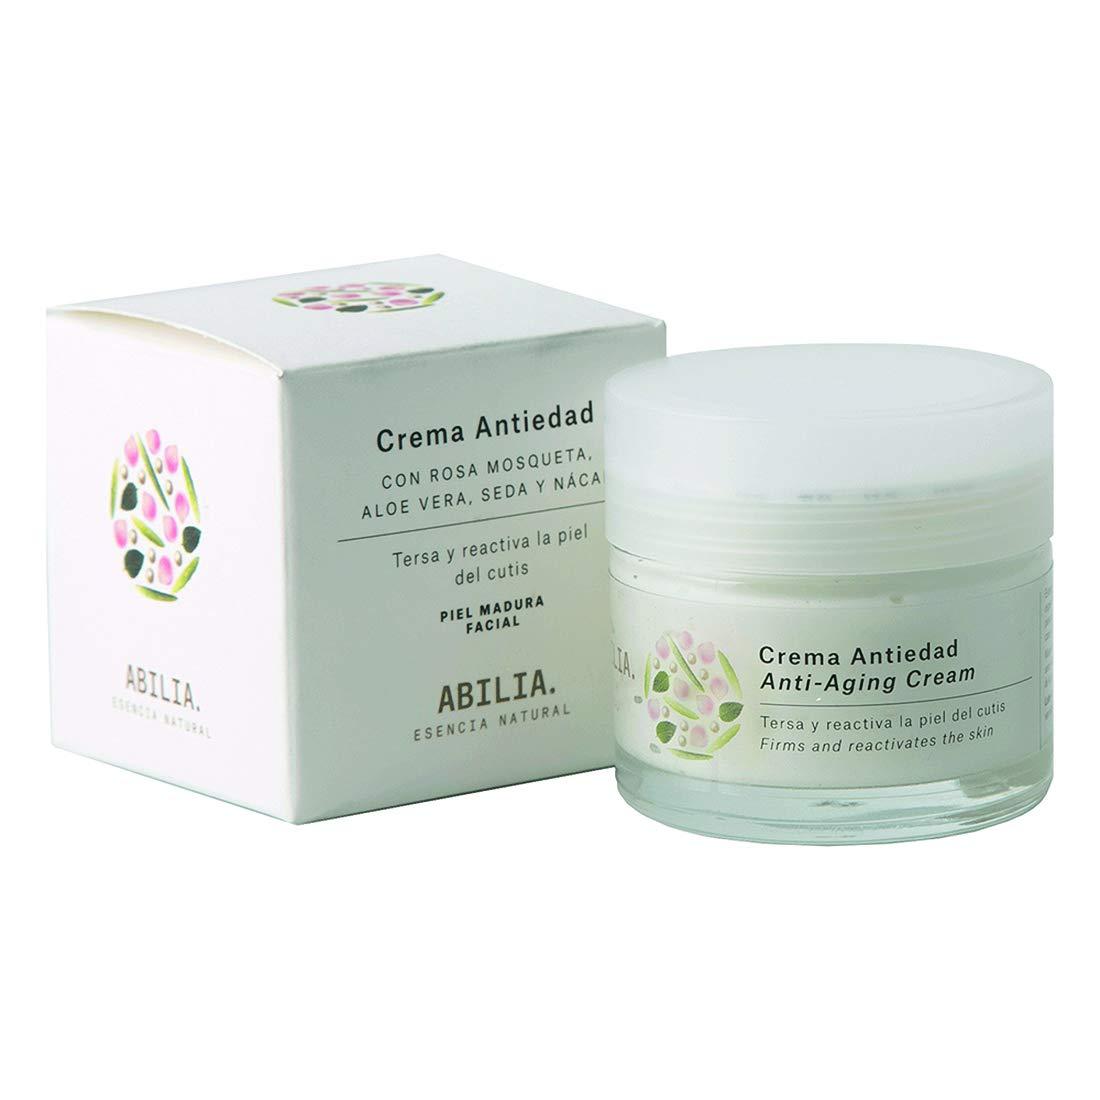 Abilia Crema Antiedad Bio Ecológica Certificada 50 ml ...